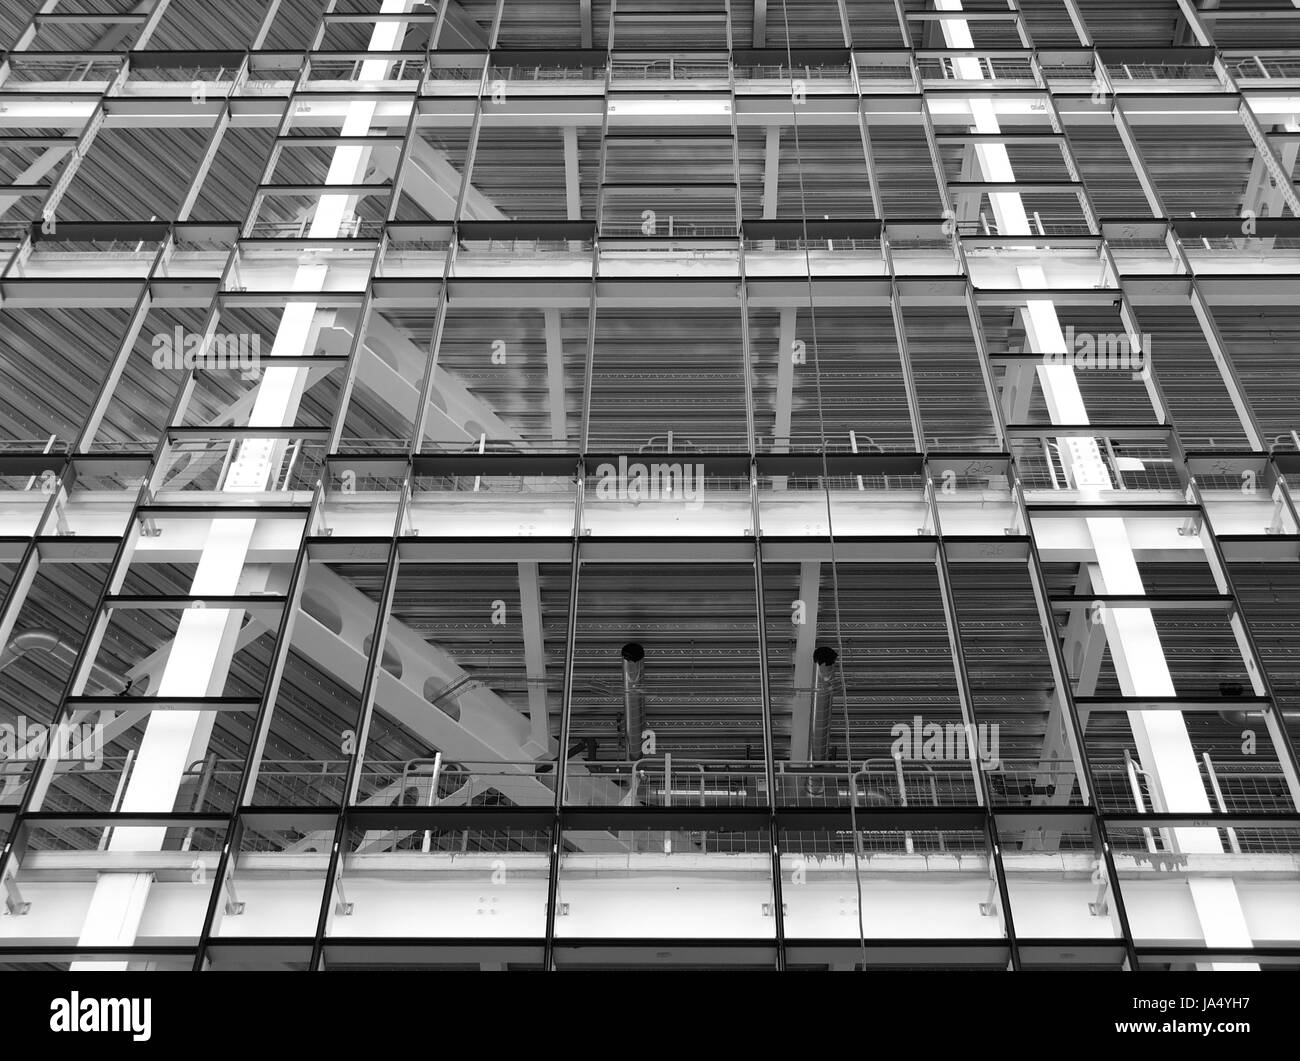 Site de construction ou développement de bureau moderne avec cadre en métal Banque D'Images